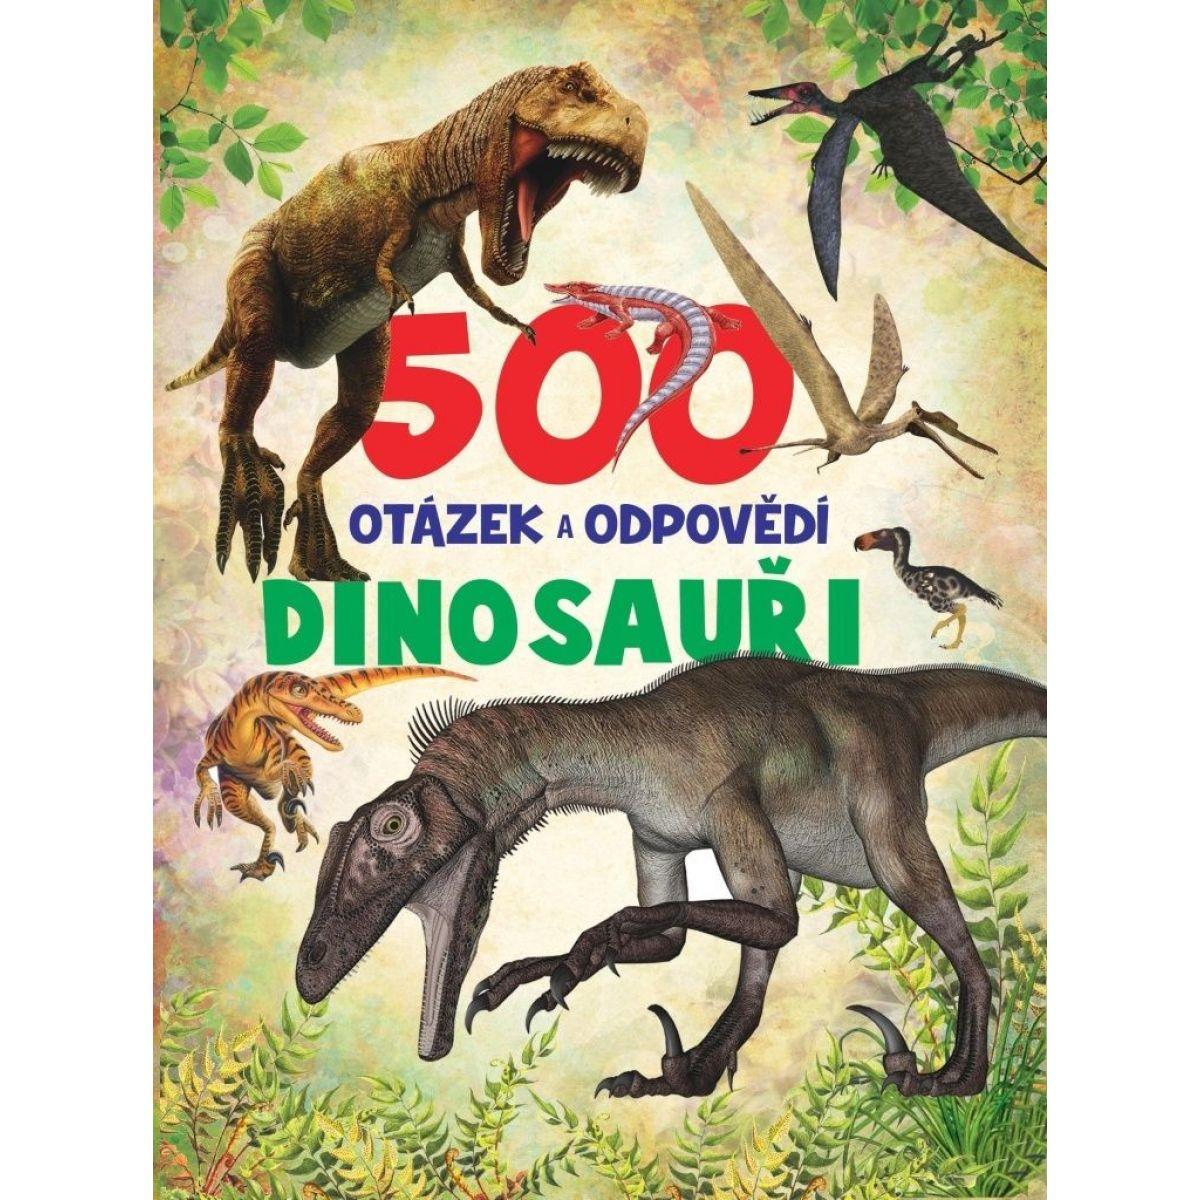 500 otázok a odpovedí Dinosaury